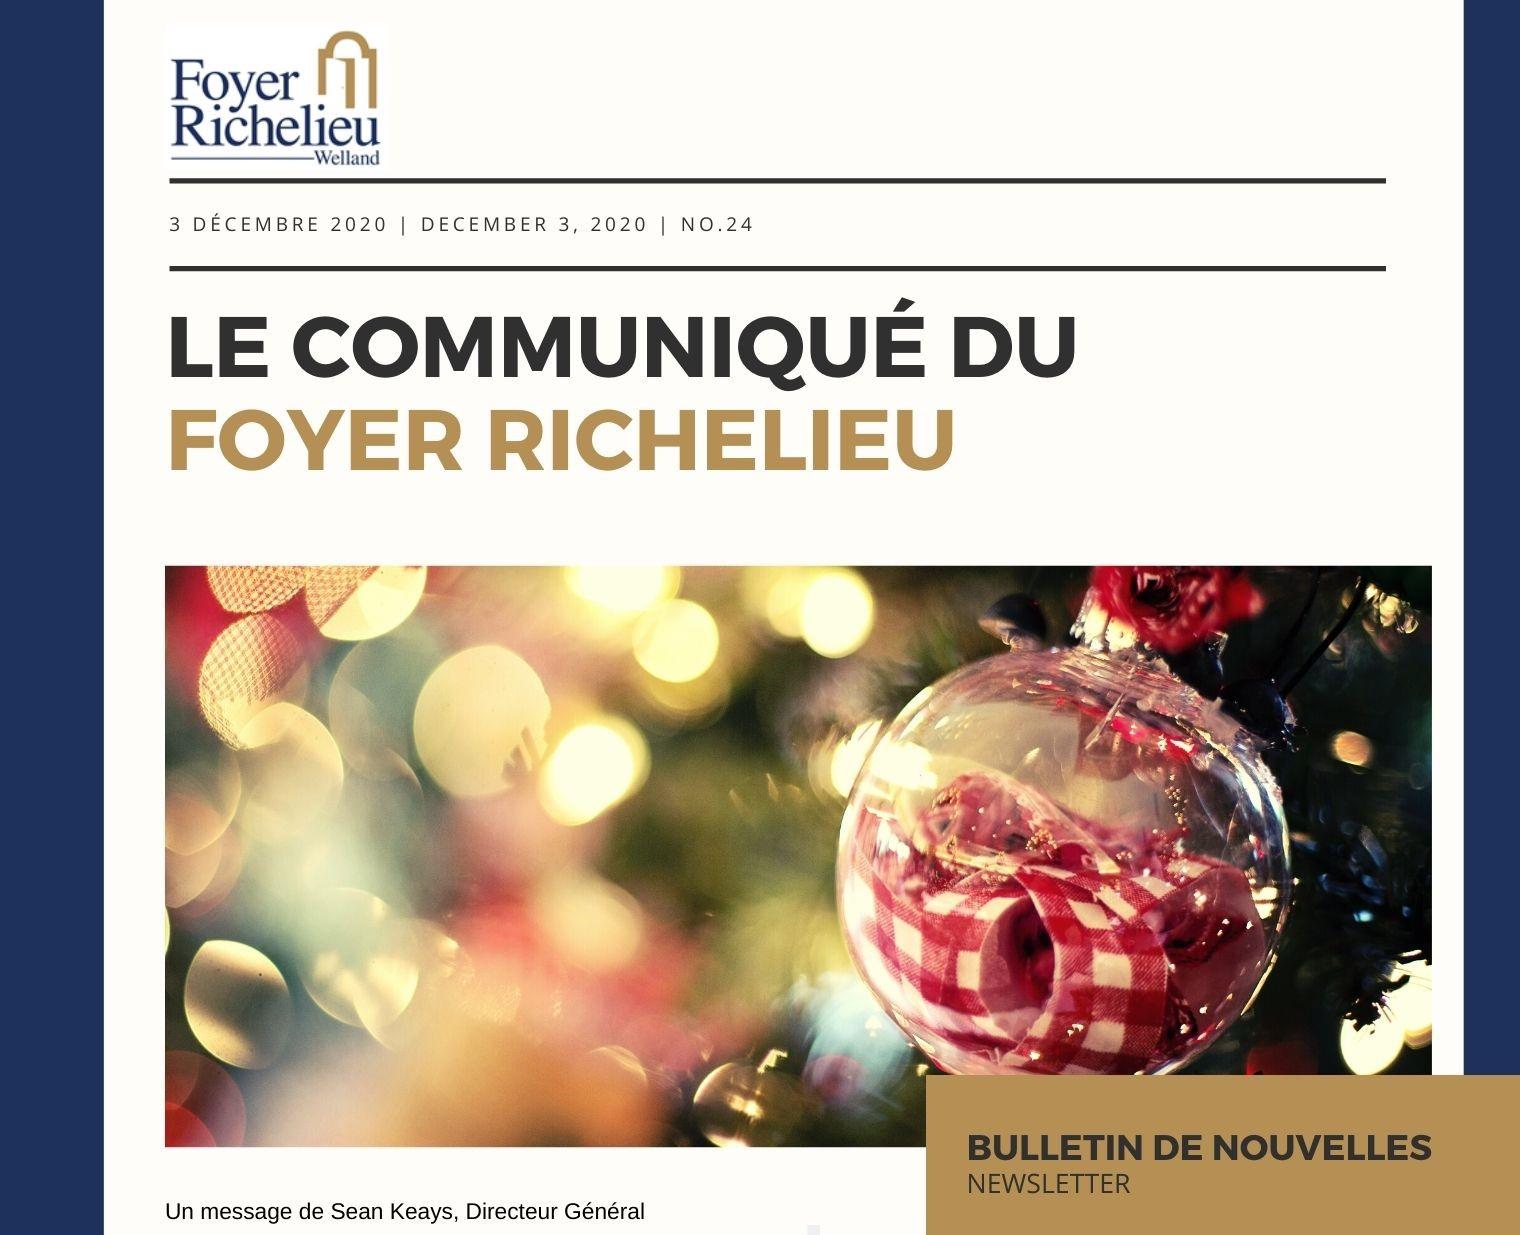 2020/12/03 – Le Communiqué du Foyer Richelieu